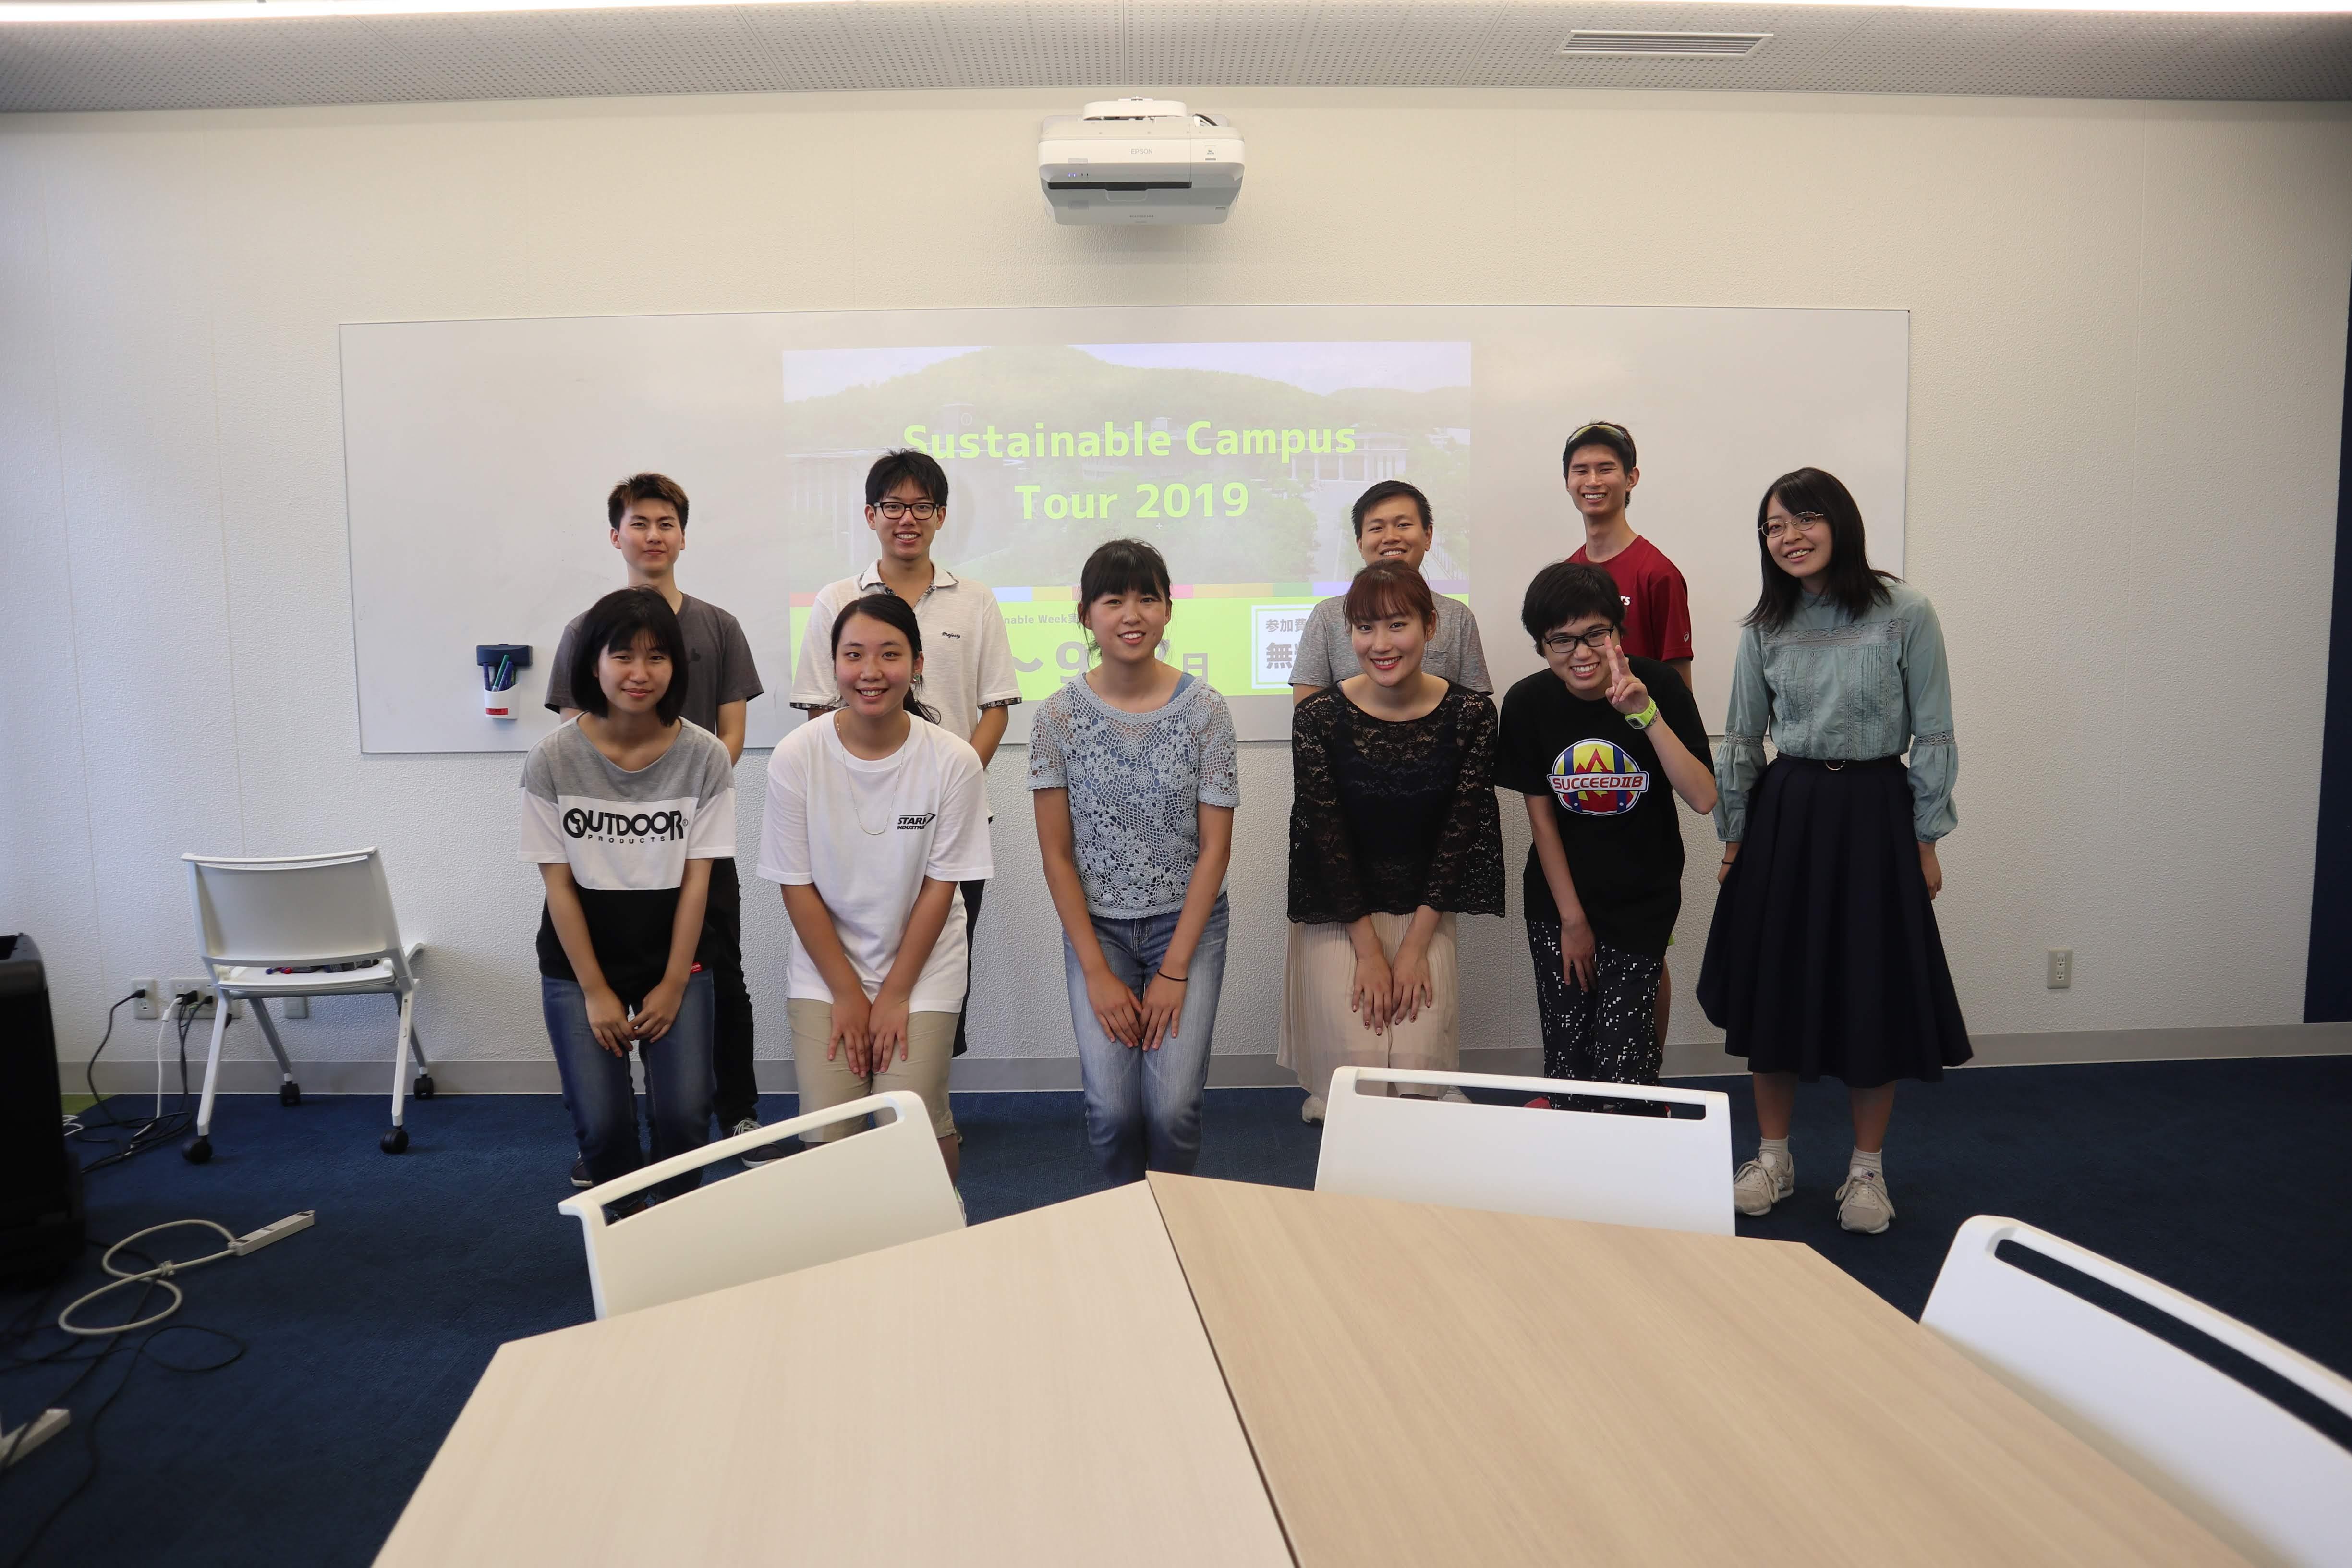 【お知らせ】岩手大学環境マネジメント学生委員会の学生が当団体を訪問しました。